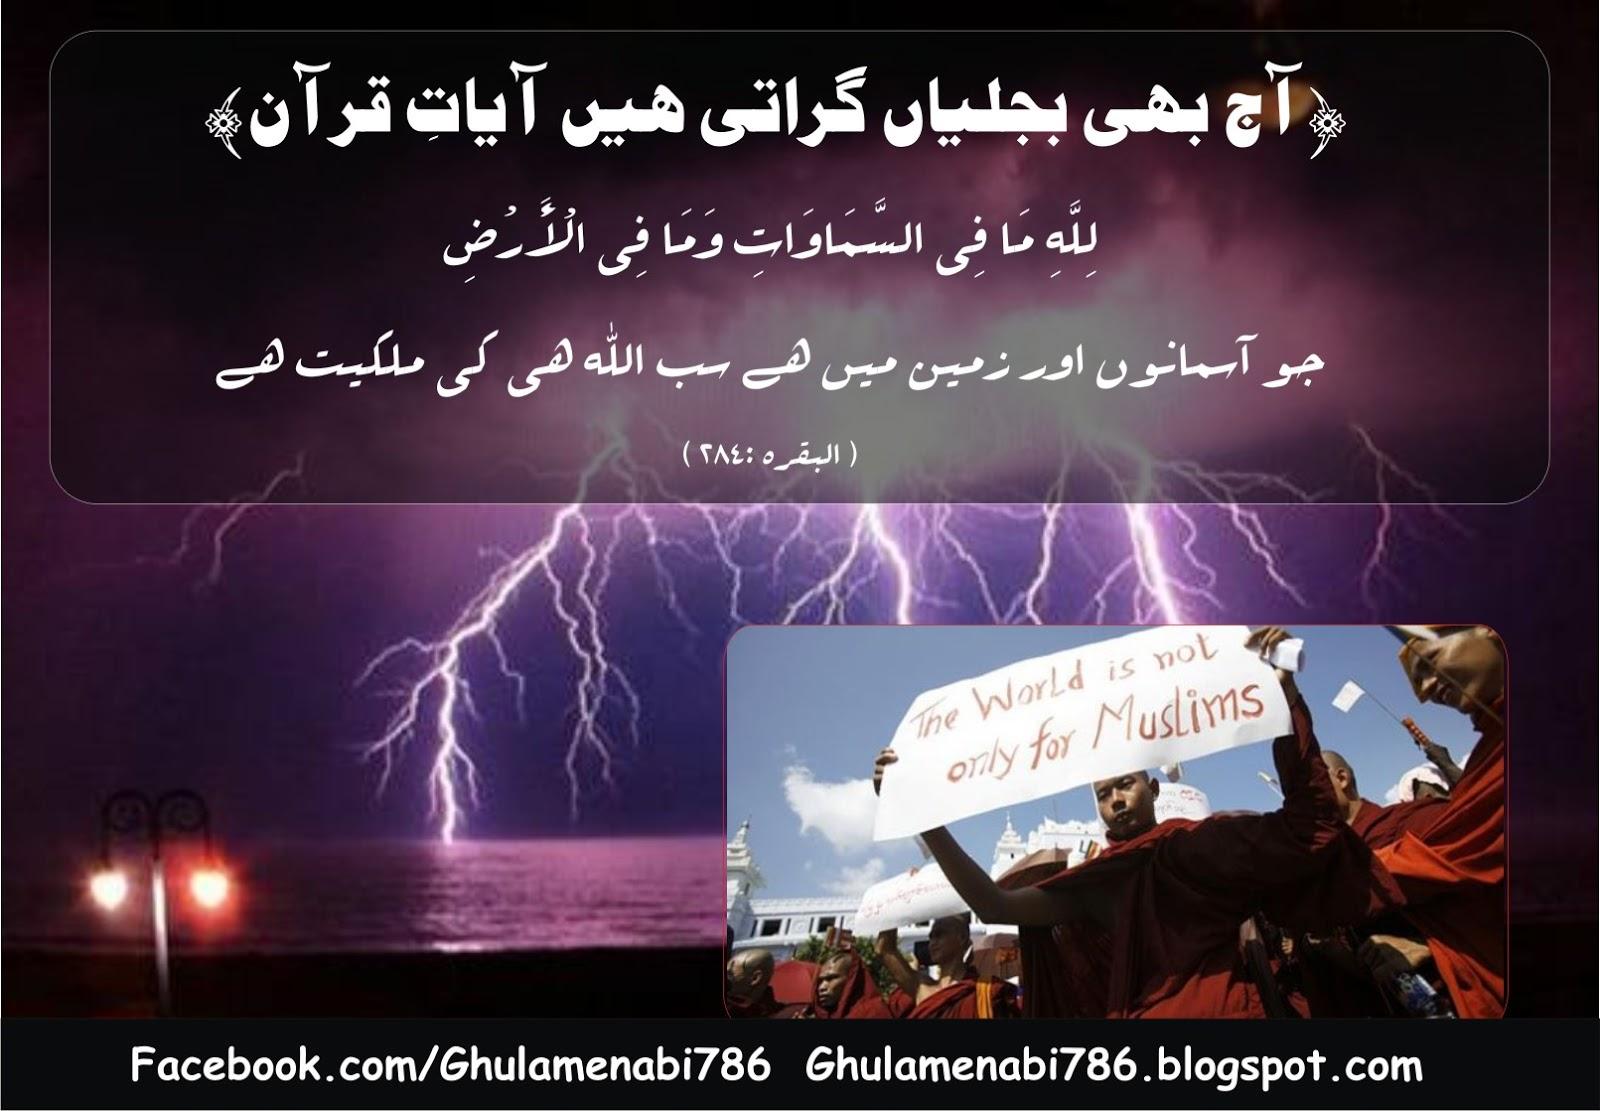 mufti akmal images hadees e pak in urdu hadees in urdu islamic wallpapers hd verse of quran images mufti akmal qadri wallpapers islamic wallpapers ahades 7 hadees free